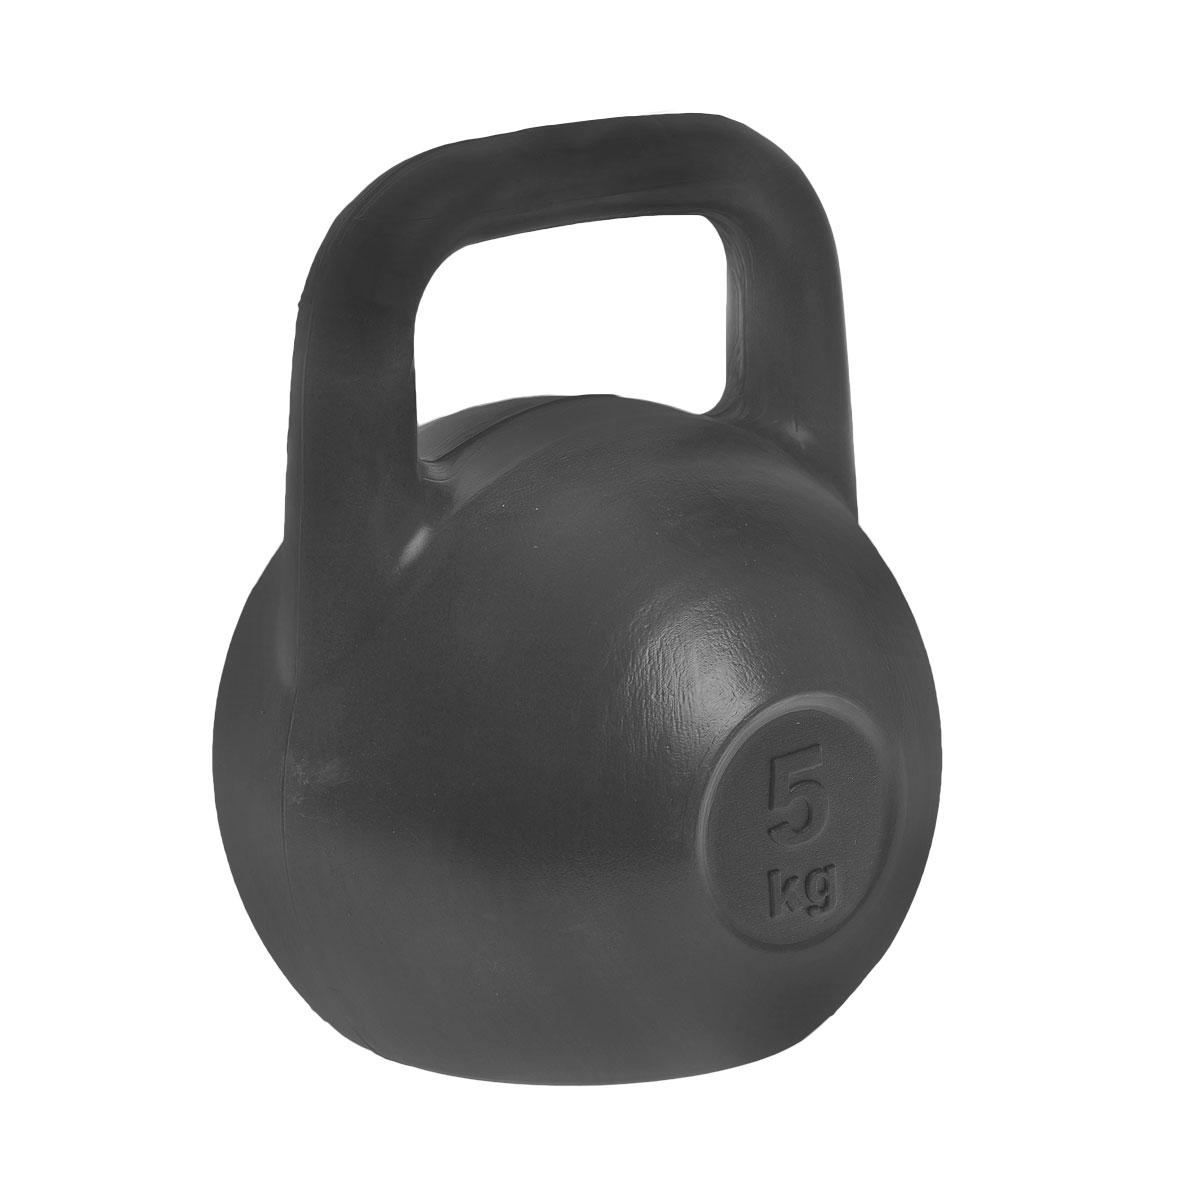 Гиря  Евро-Классик , цвет: черный, 5 кг - Оборудование для силовых тренировок